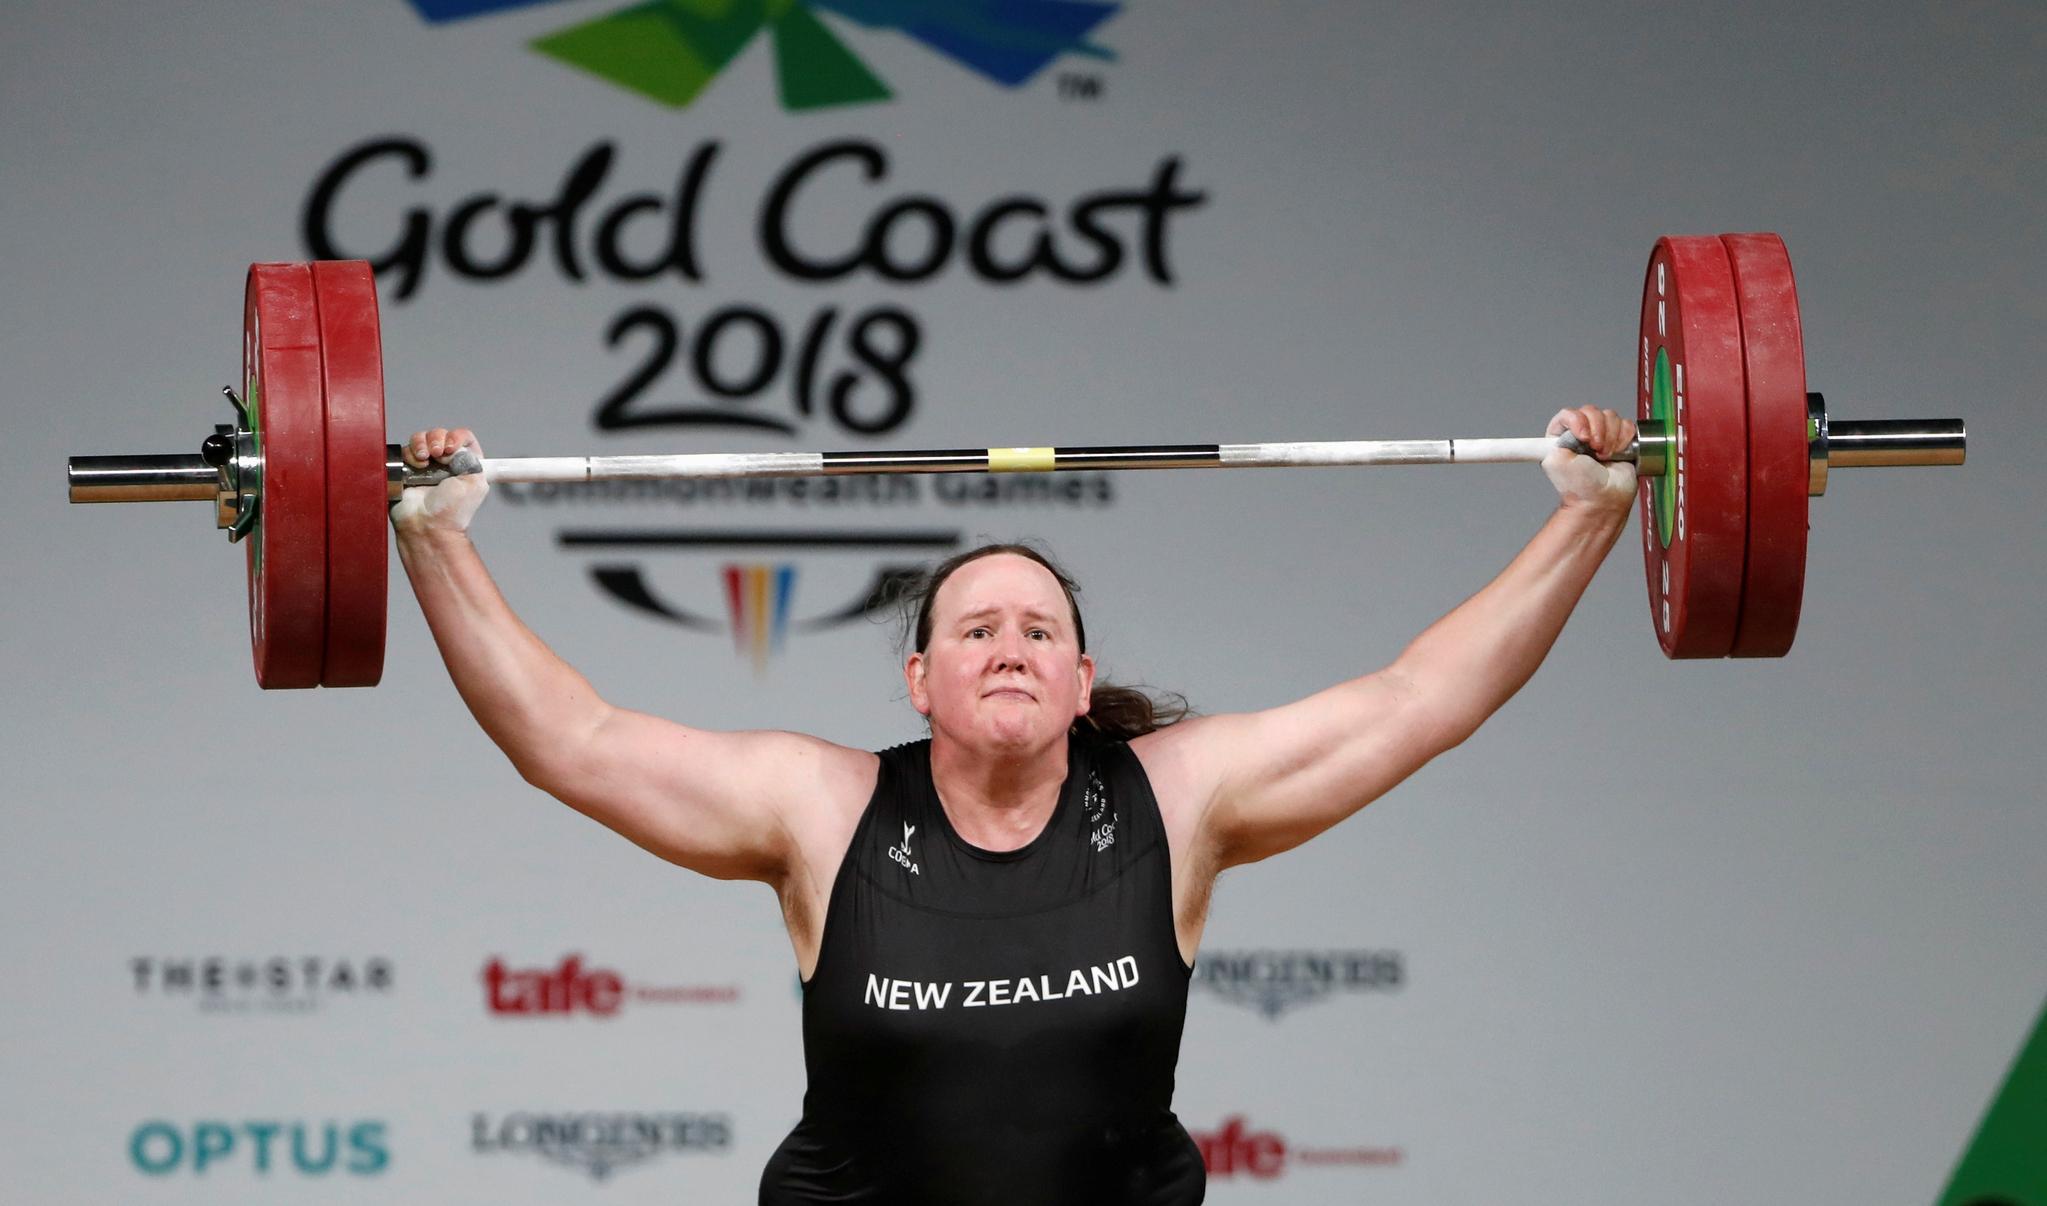 성전환 선수 최초로 올림픽에 출전하게 된 뉴질랜드 역도선수 허버드. [로이터=연합뉴스]